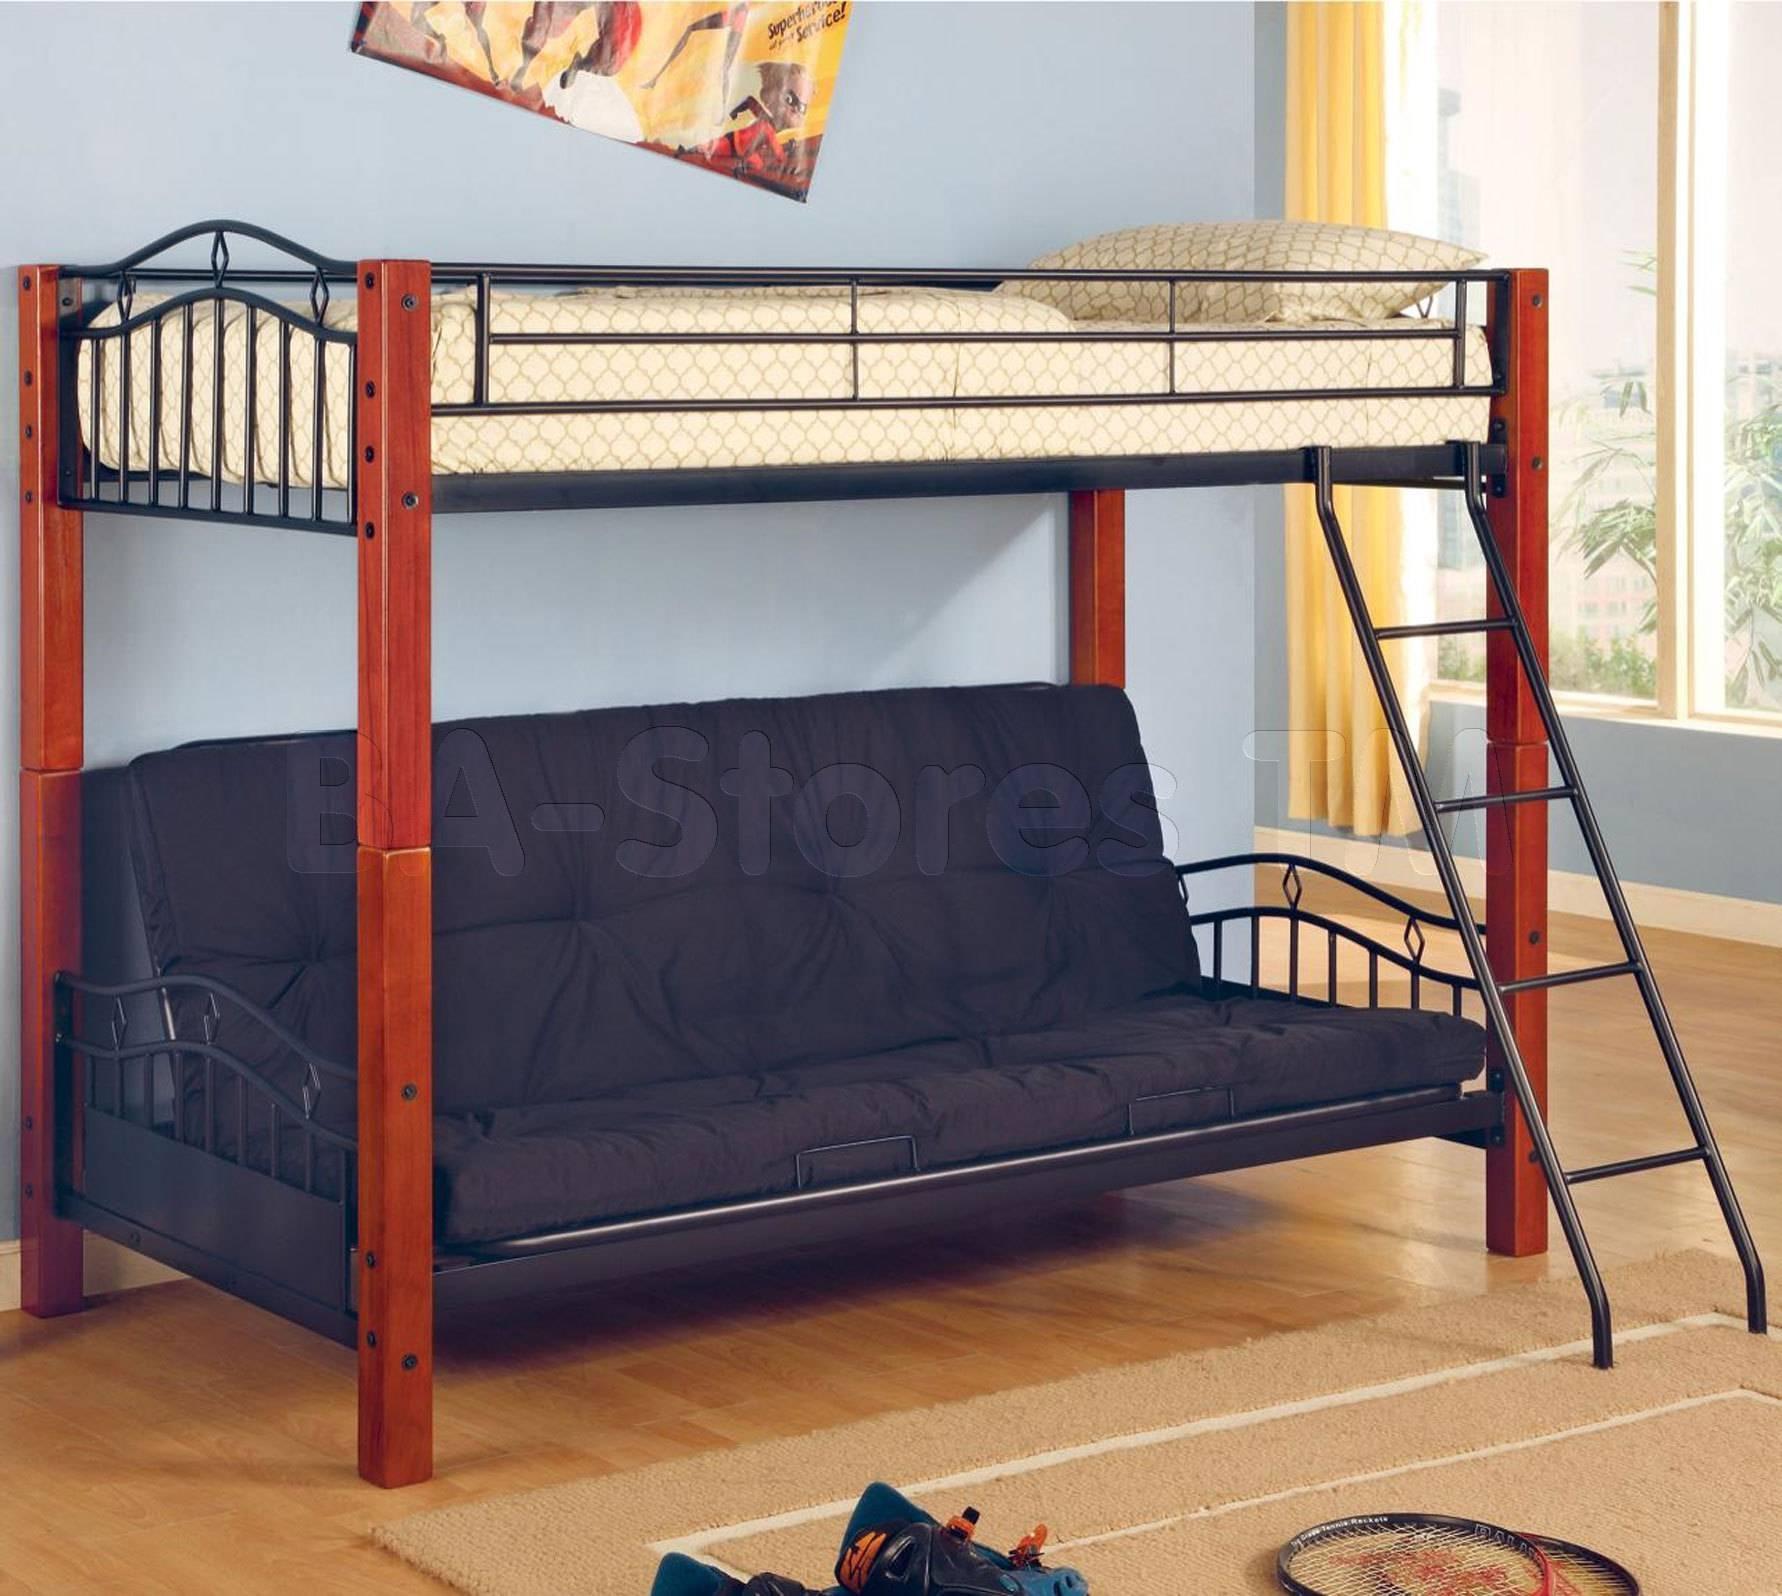 Furniture: Walmart Futon | Futon Kmart | Futon Beds Target inside Kmart Bunk Bed Mattress (Image 12 of 15)